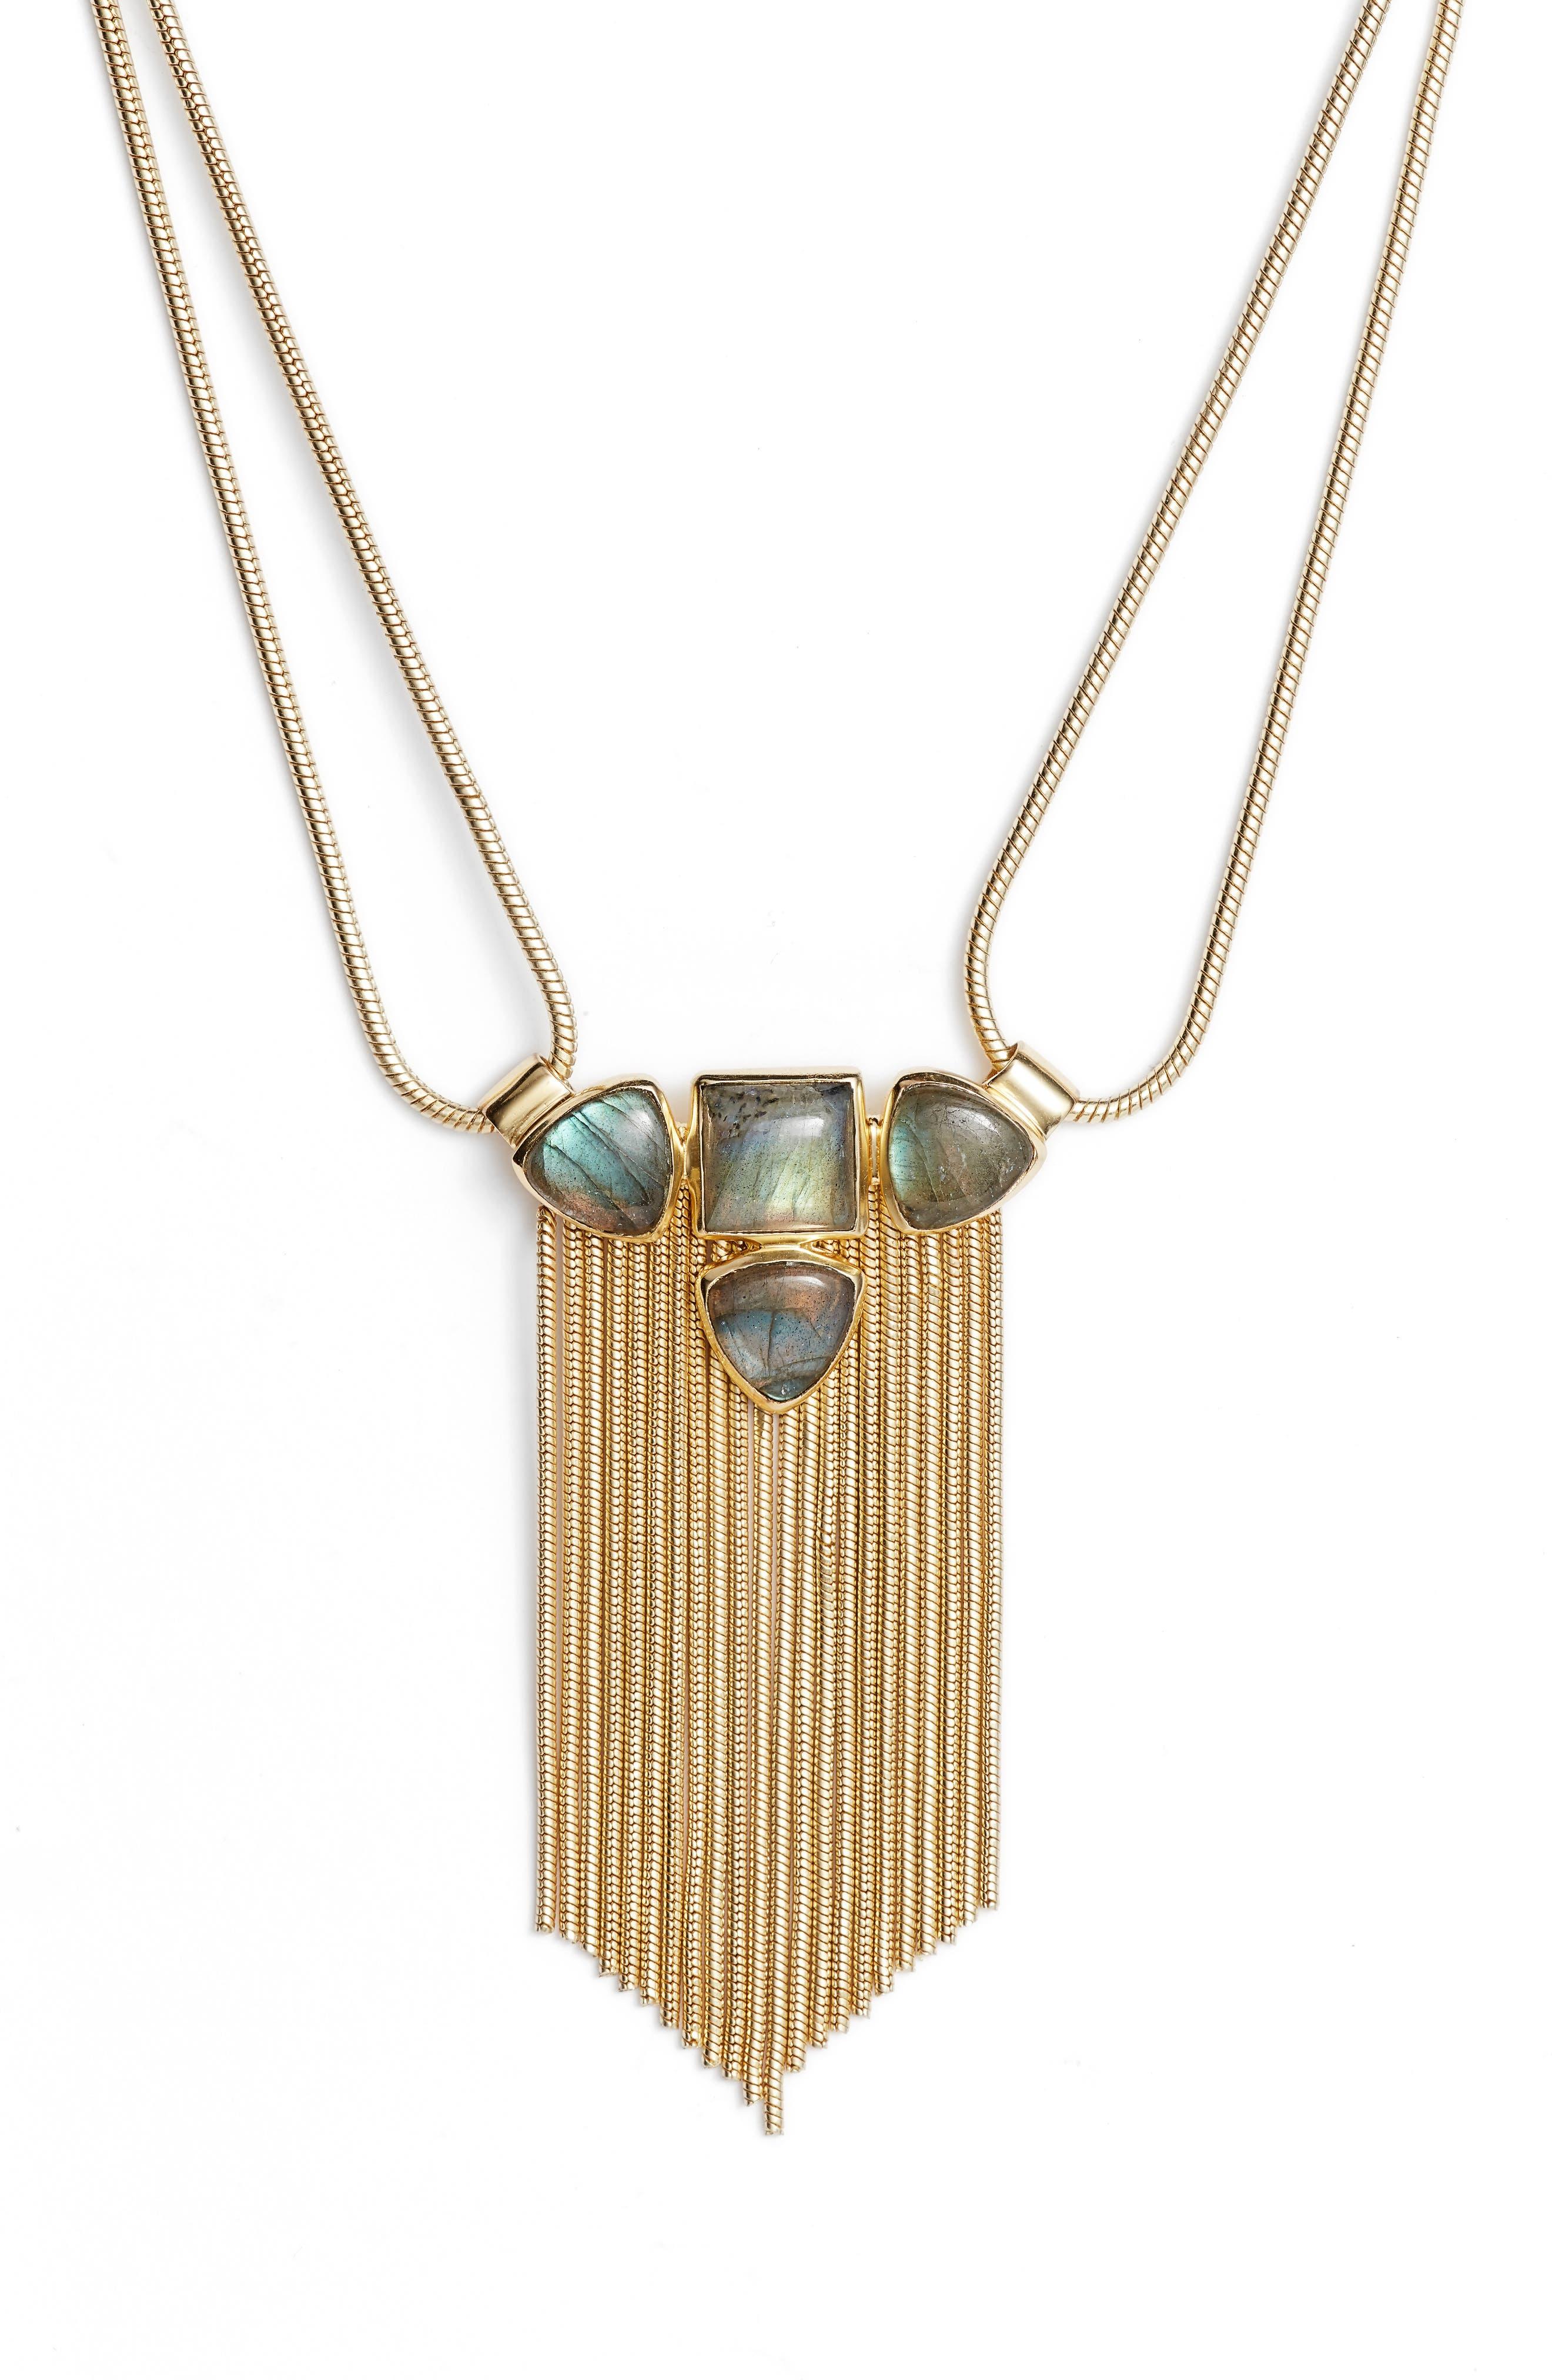 Image of Sole Society Labradorite & Fringe Pendant Necklace